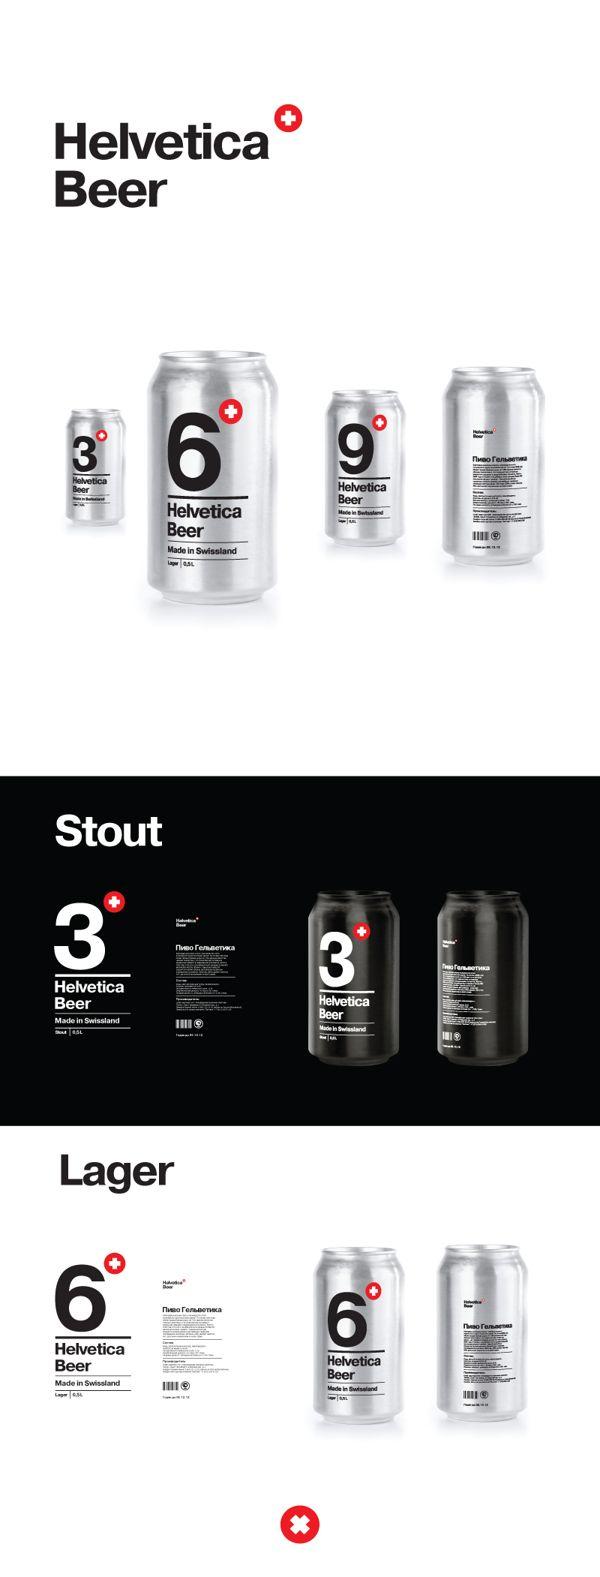 Helvetica beer by Sasha Kischenko, via Behance